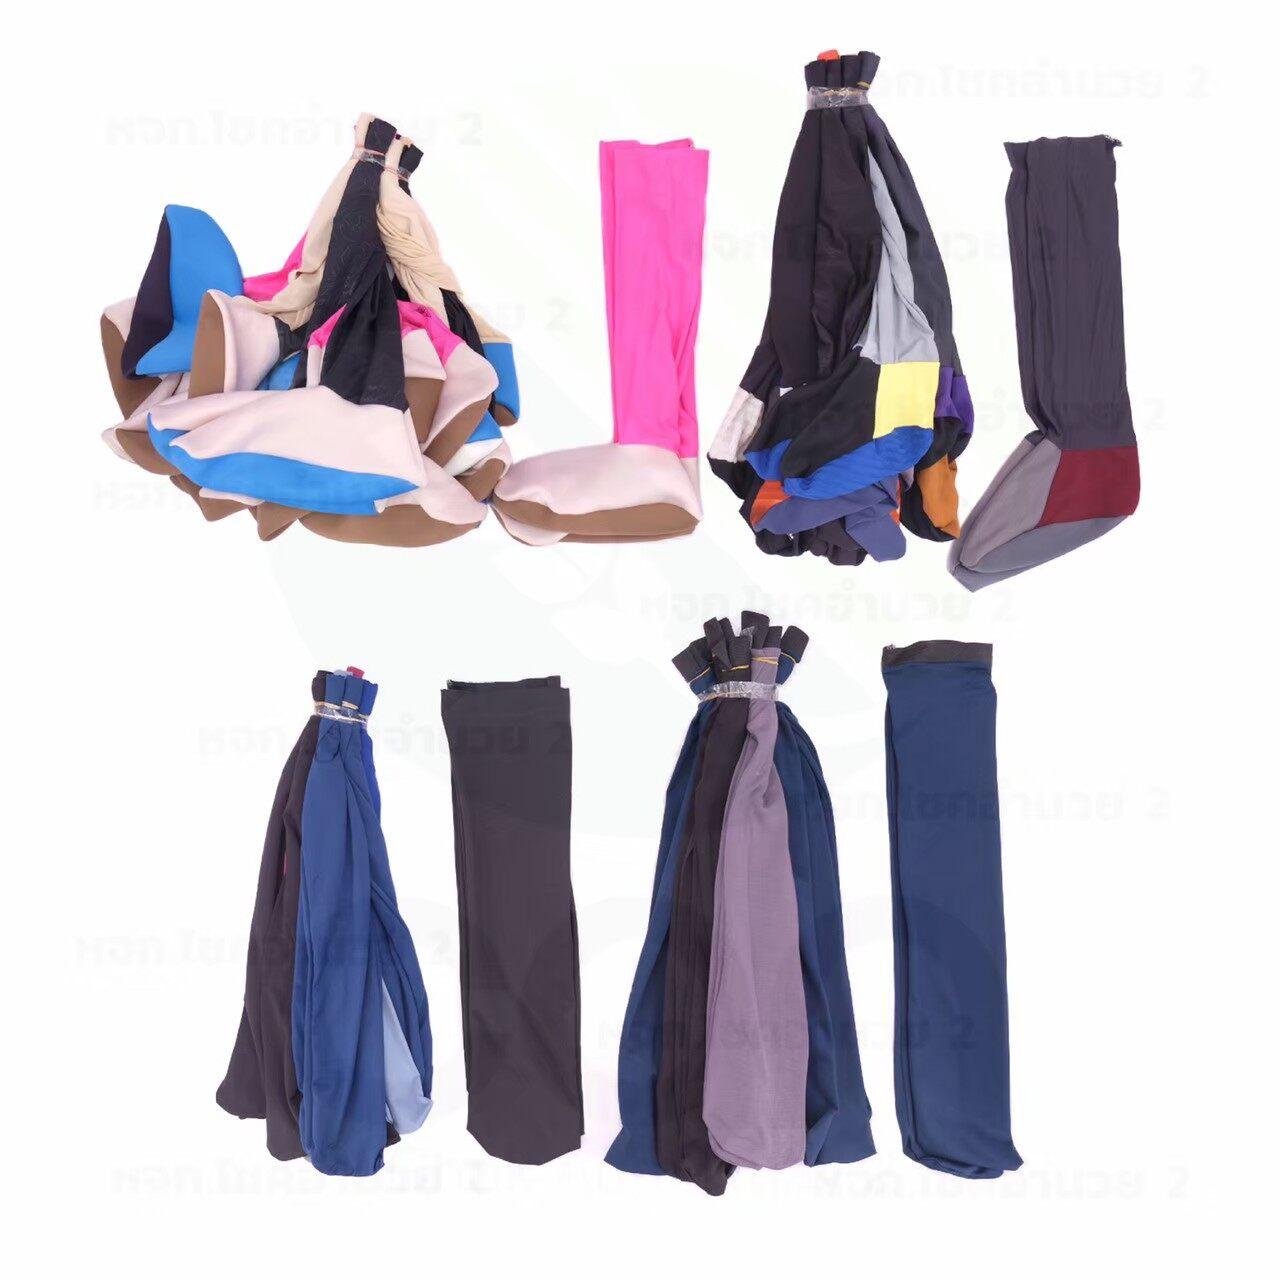 (ยกมัด 10 คู่) ถุงเท้ากันหอย คละสี ถุงเท้าทำนา ถุงเท้าลงนา ถุงเท้าตีนเป็ด คละสี.